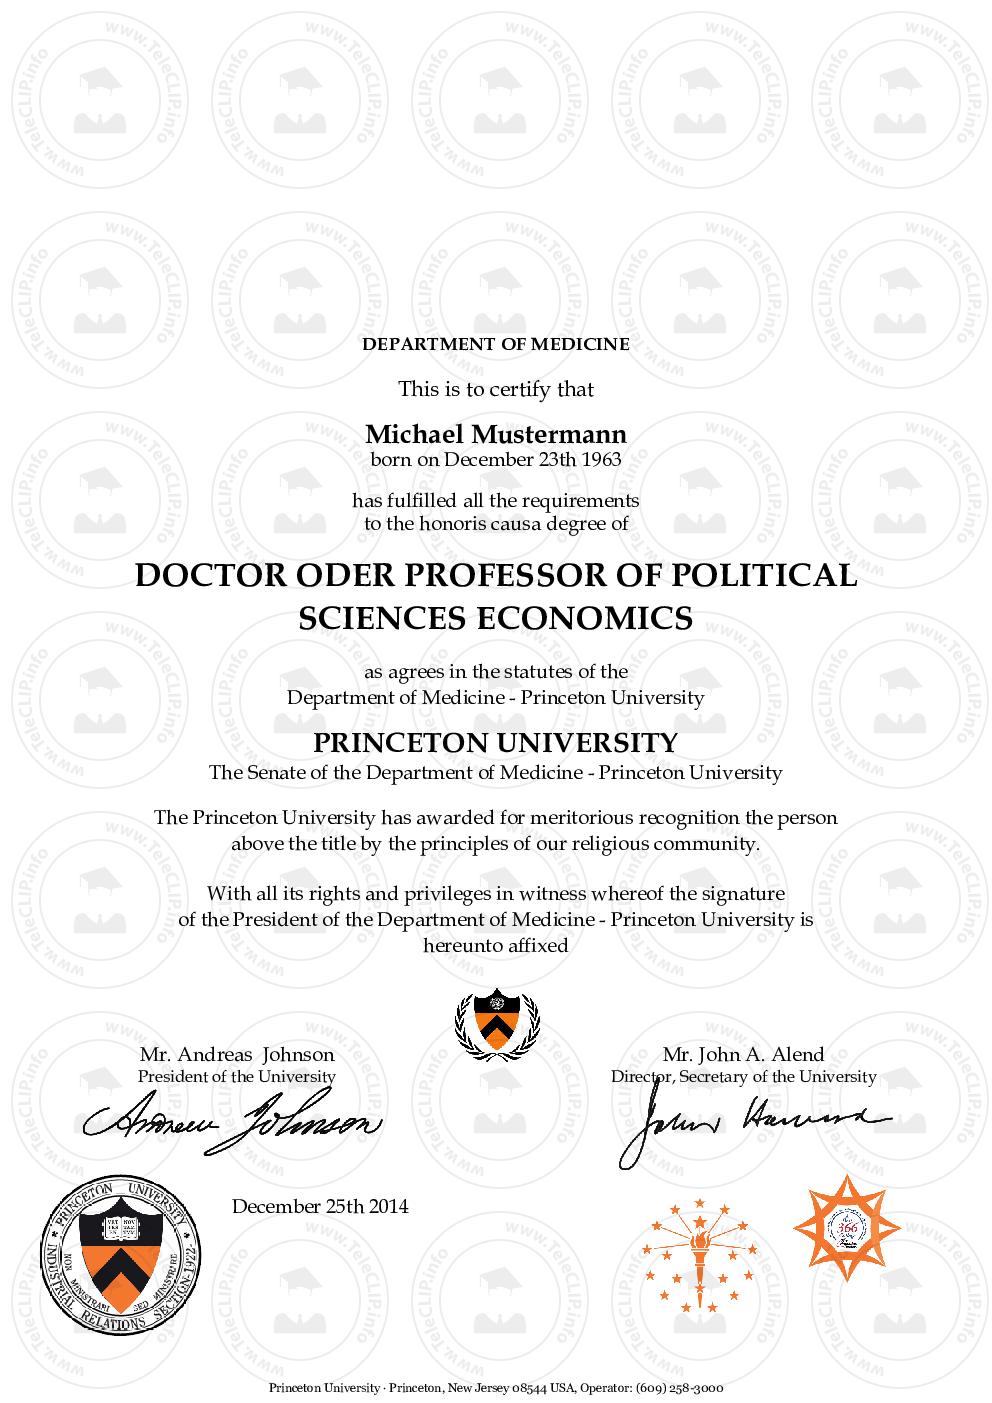 doktortitel-princeton_11